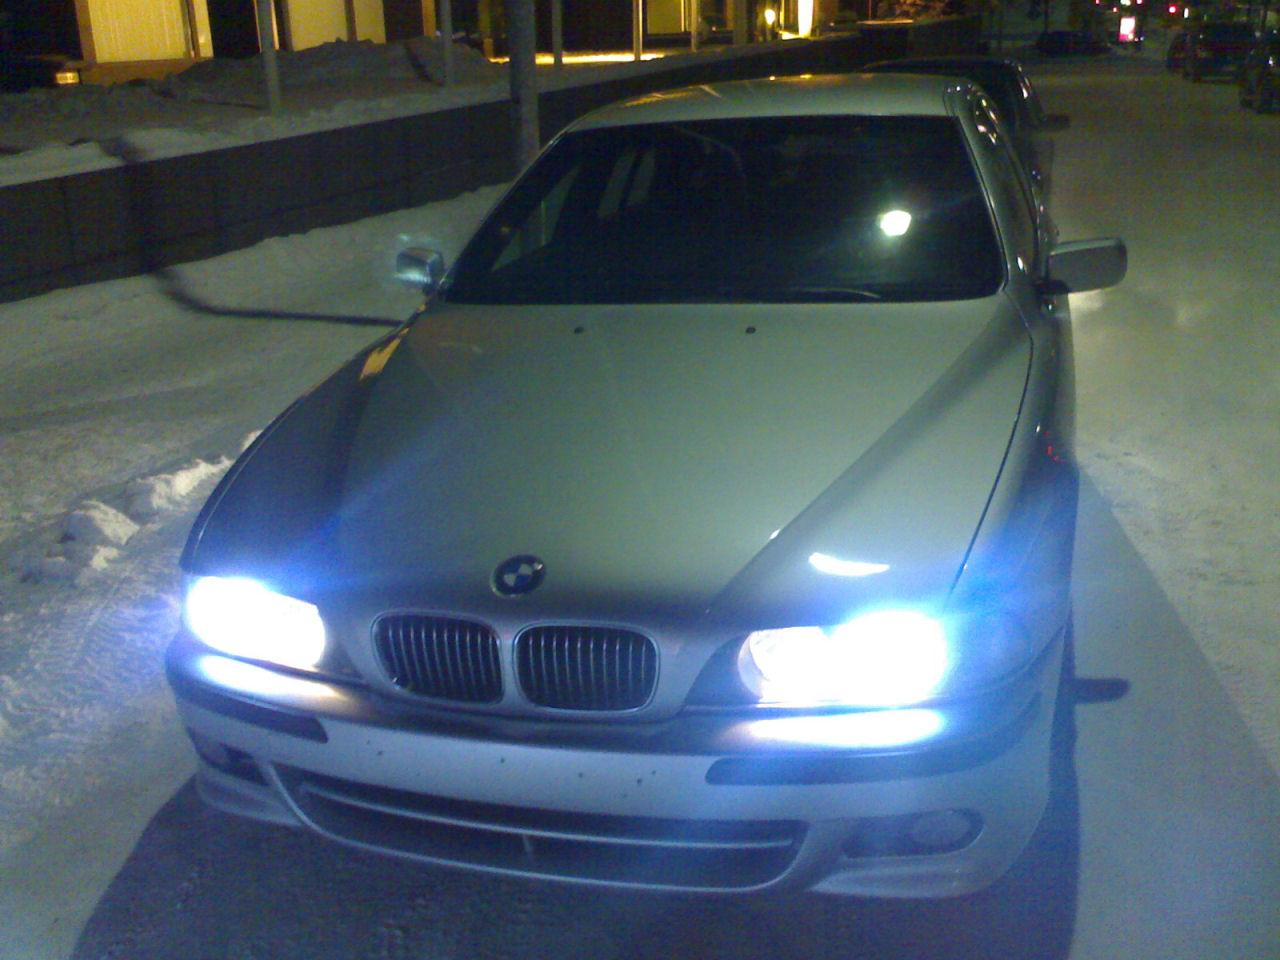 KIT XENON BMW E36 E46 MINI E39